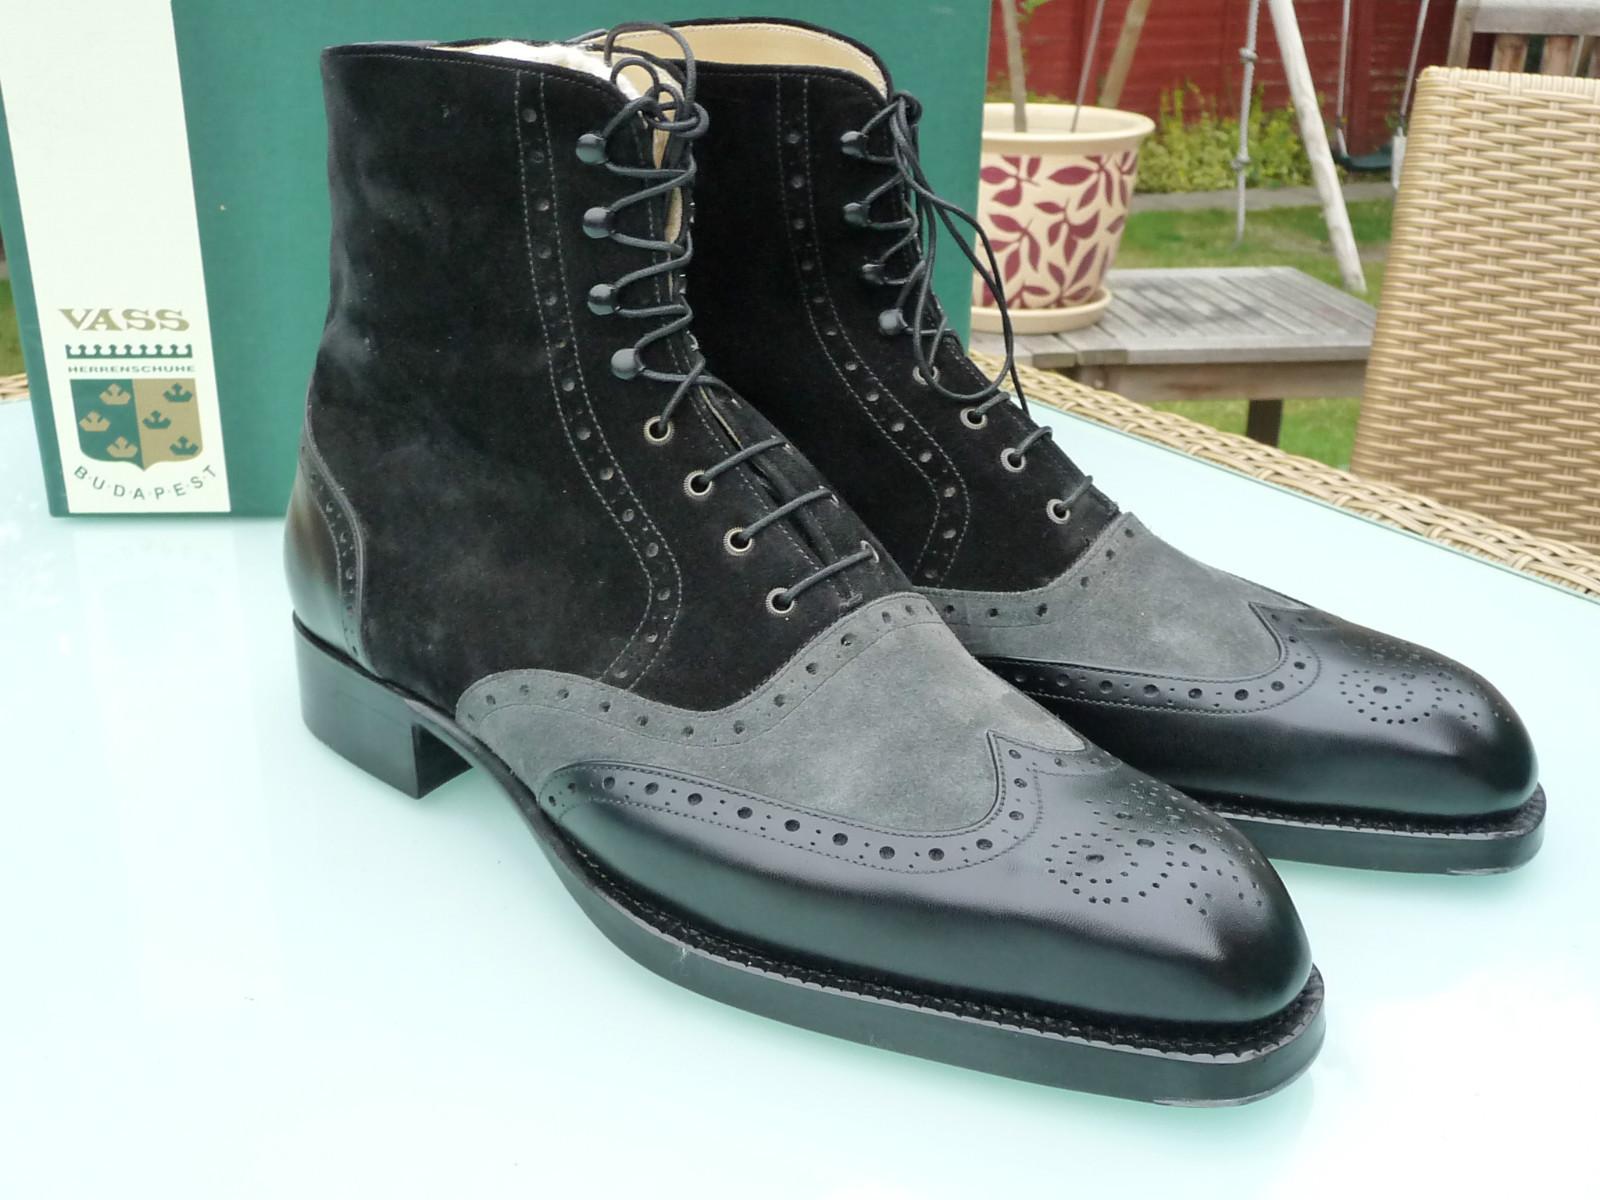 Ascot Shoes Online Shoe Store The Shoe Snob BlogThe Shoe